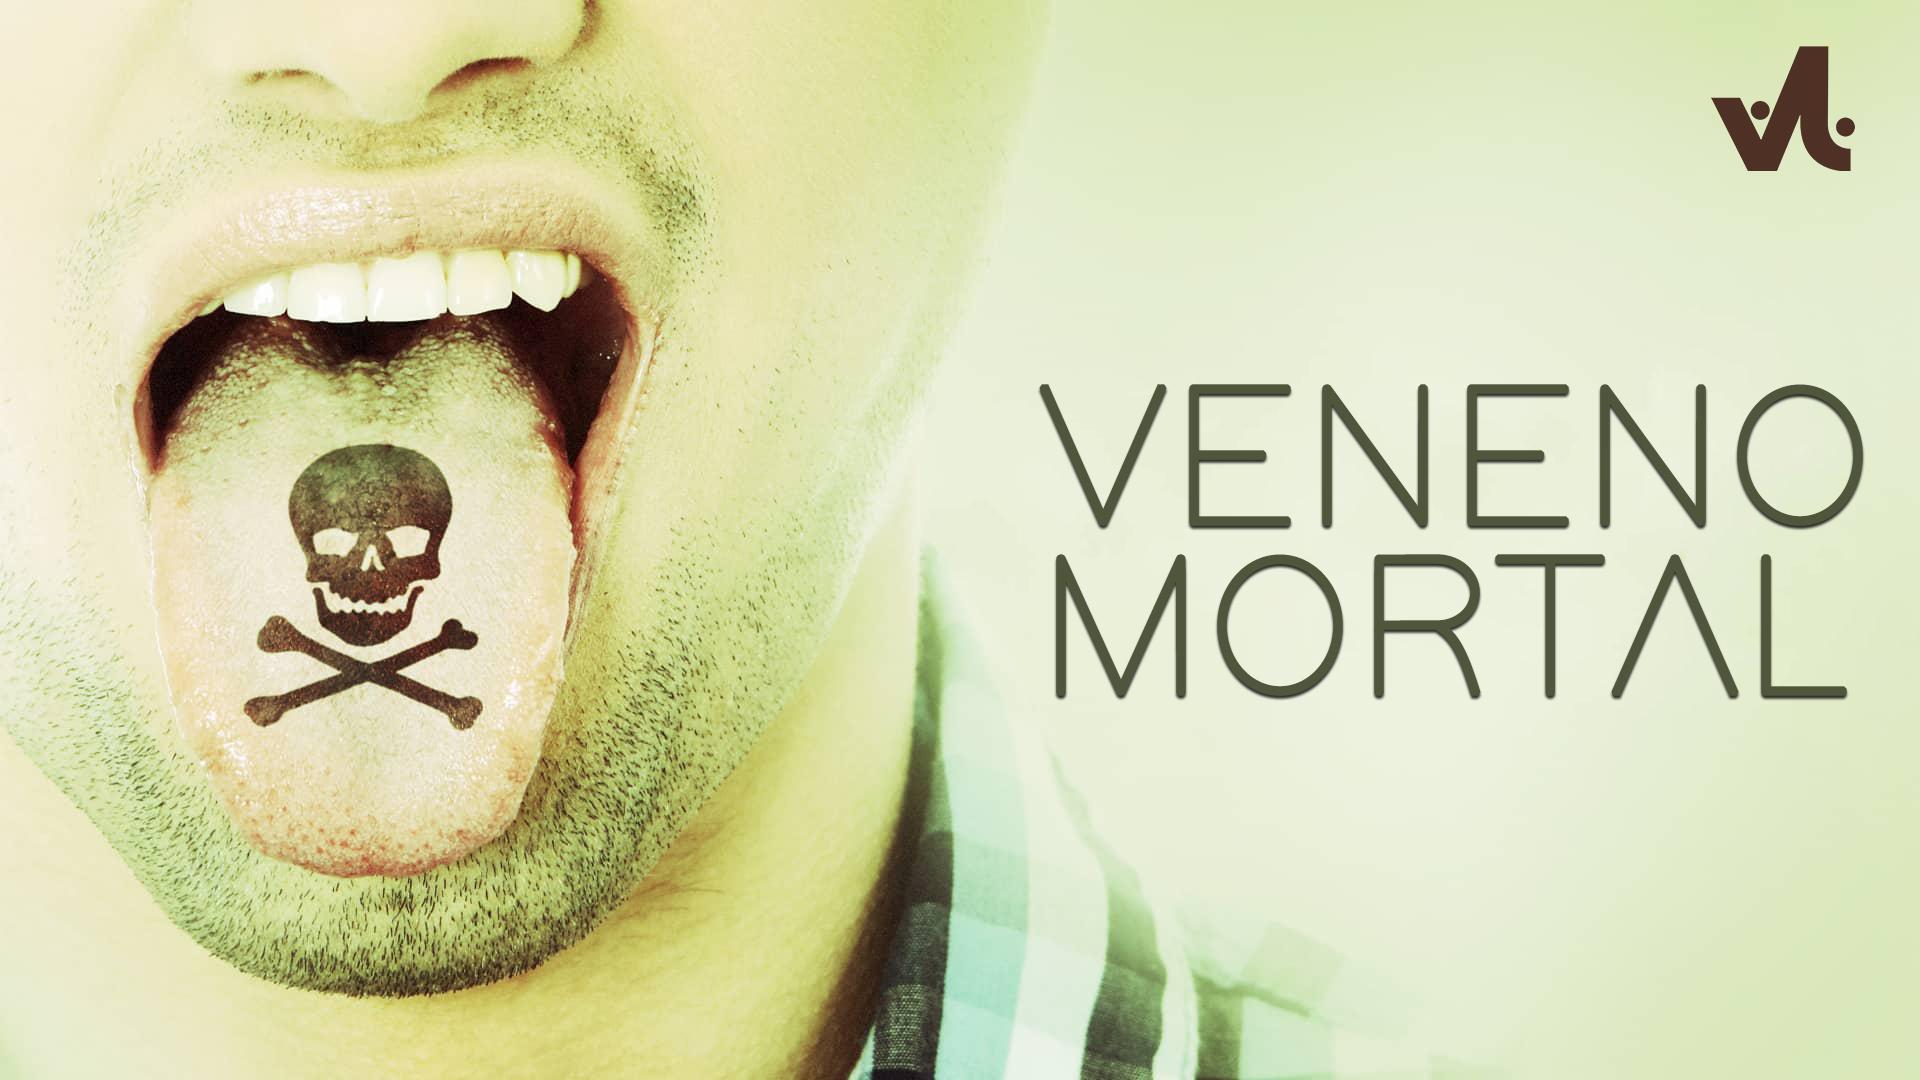 Veneno Mortal